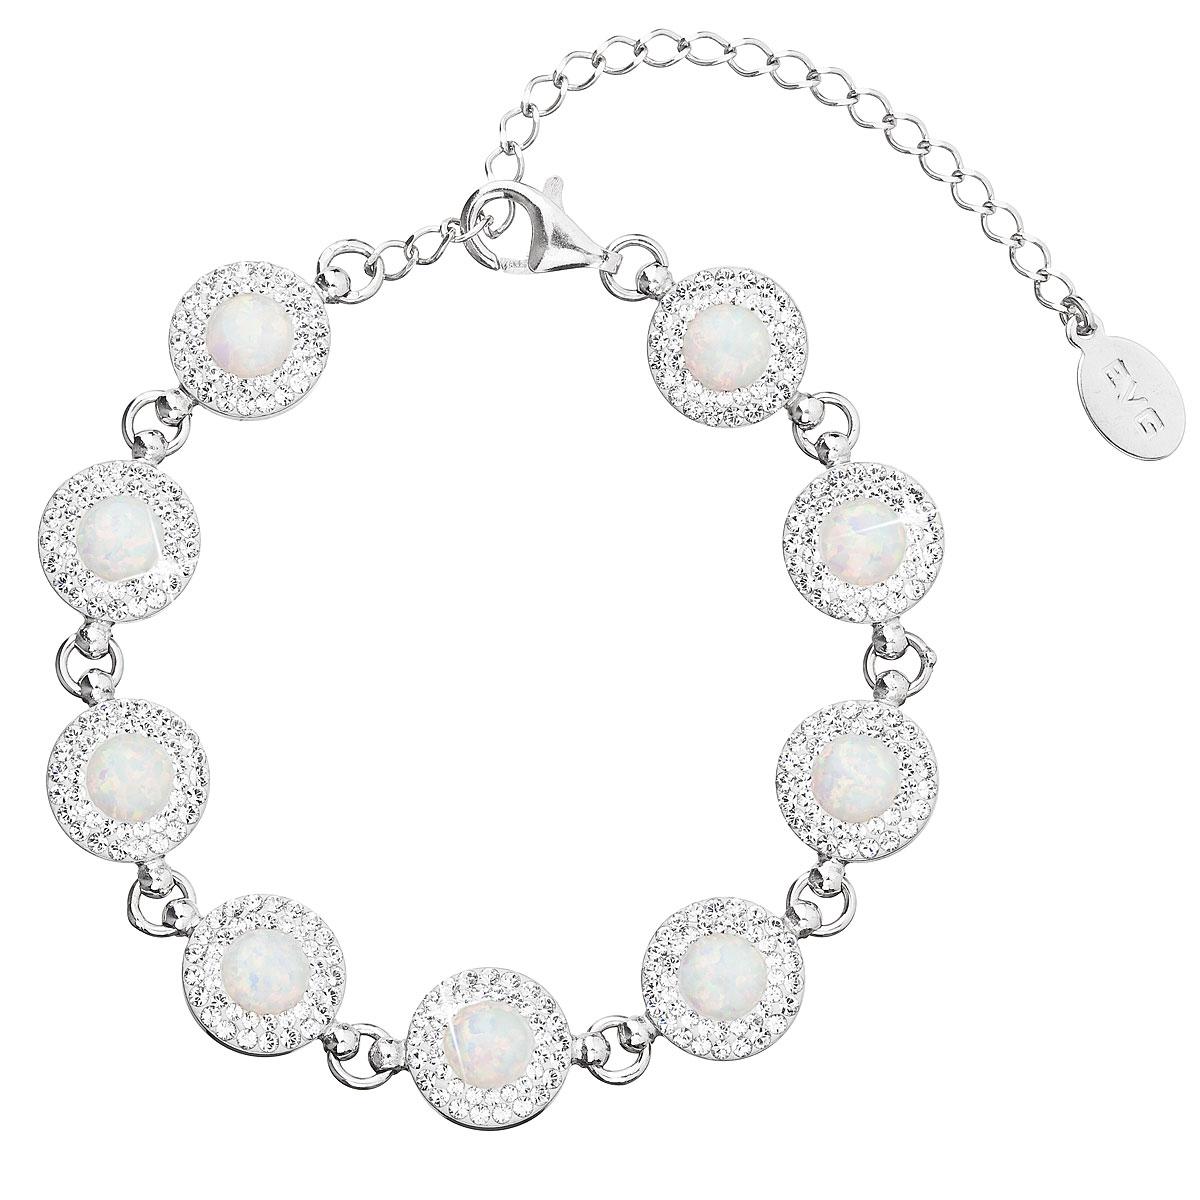 Stříbrný náramek se syntetickým opálem a krystaly Swarovski bílý 33105.1